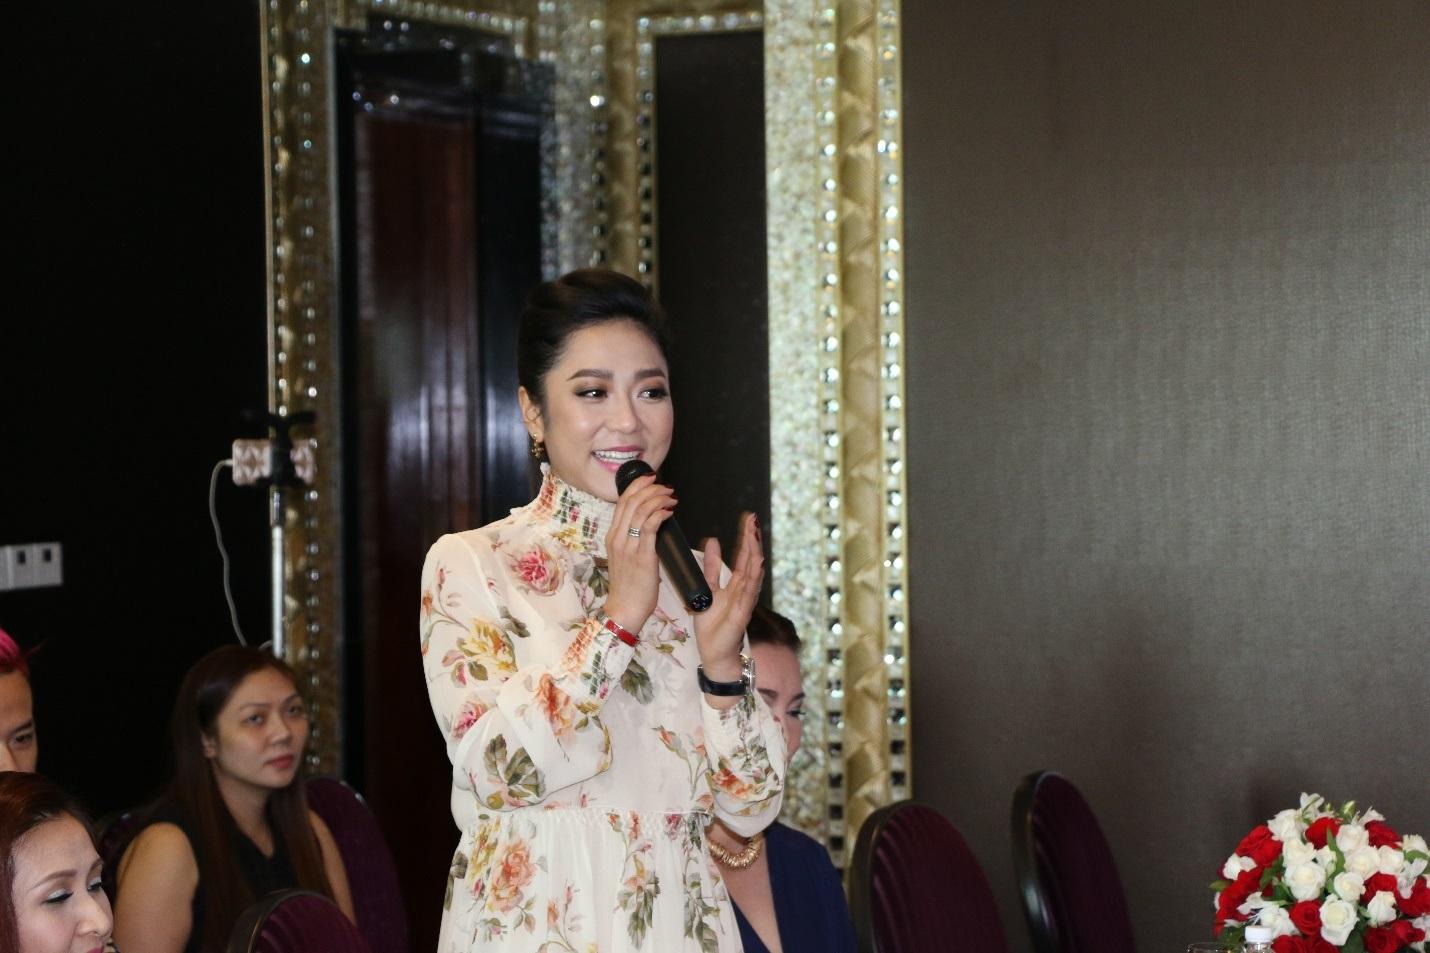 """""""Út tiêu"""" là biệt danh khá dễ thương của nữ ca sĩ Hà Thanh Xuân, cô em út chia sẻ khi được tham gia liveshow của đàn anh: """"Tôi là người nhí nhất trong chương trình, anh Quỳnh là thần tượng của tôi từ lúc còn nhỏ xíu nên lần này được đứng chung sân khấu với anh cũng như các anh chị nghệ sĩ khác, tôi rất lấy làm vinh dự."""""""